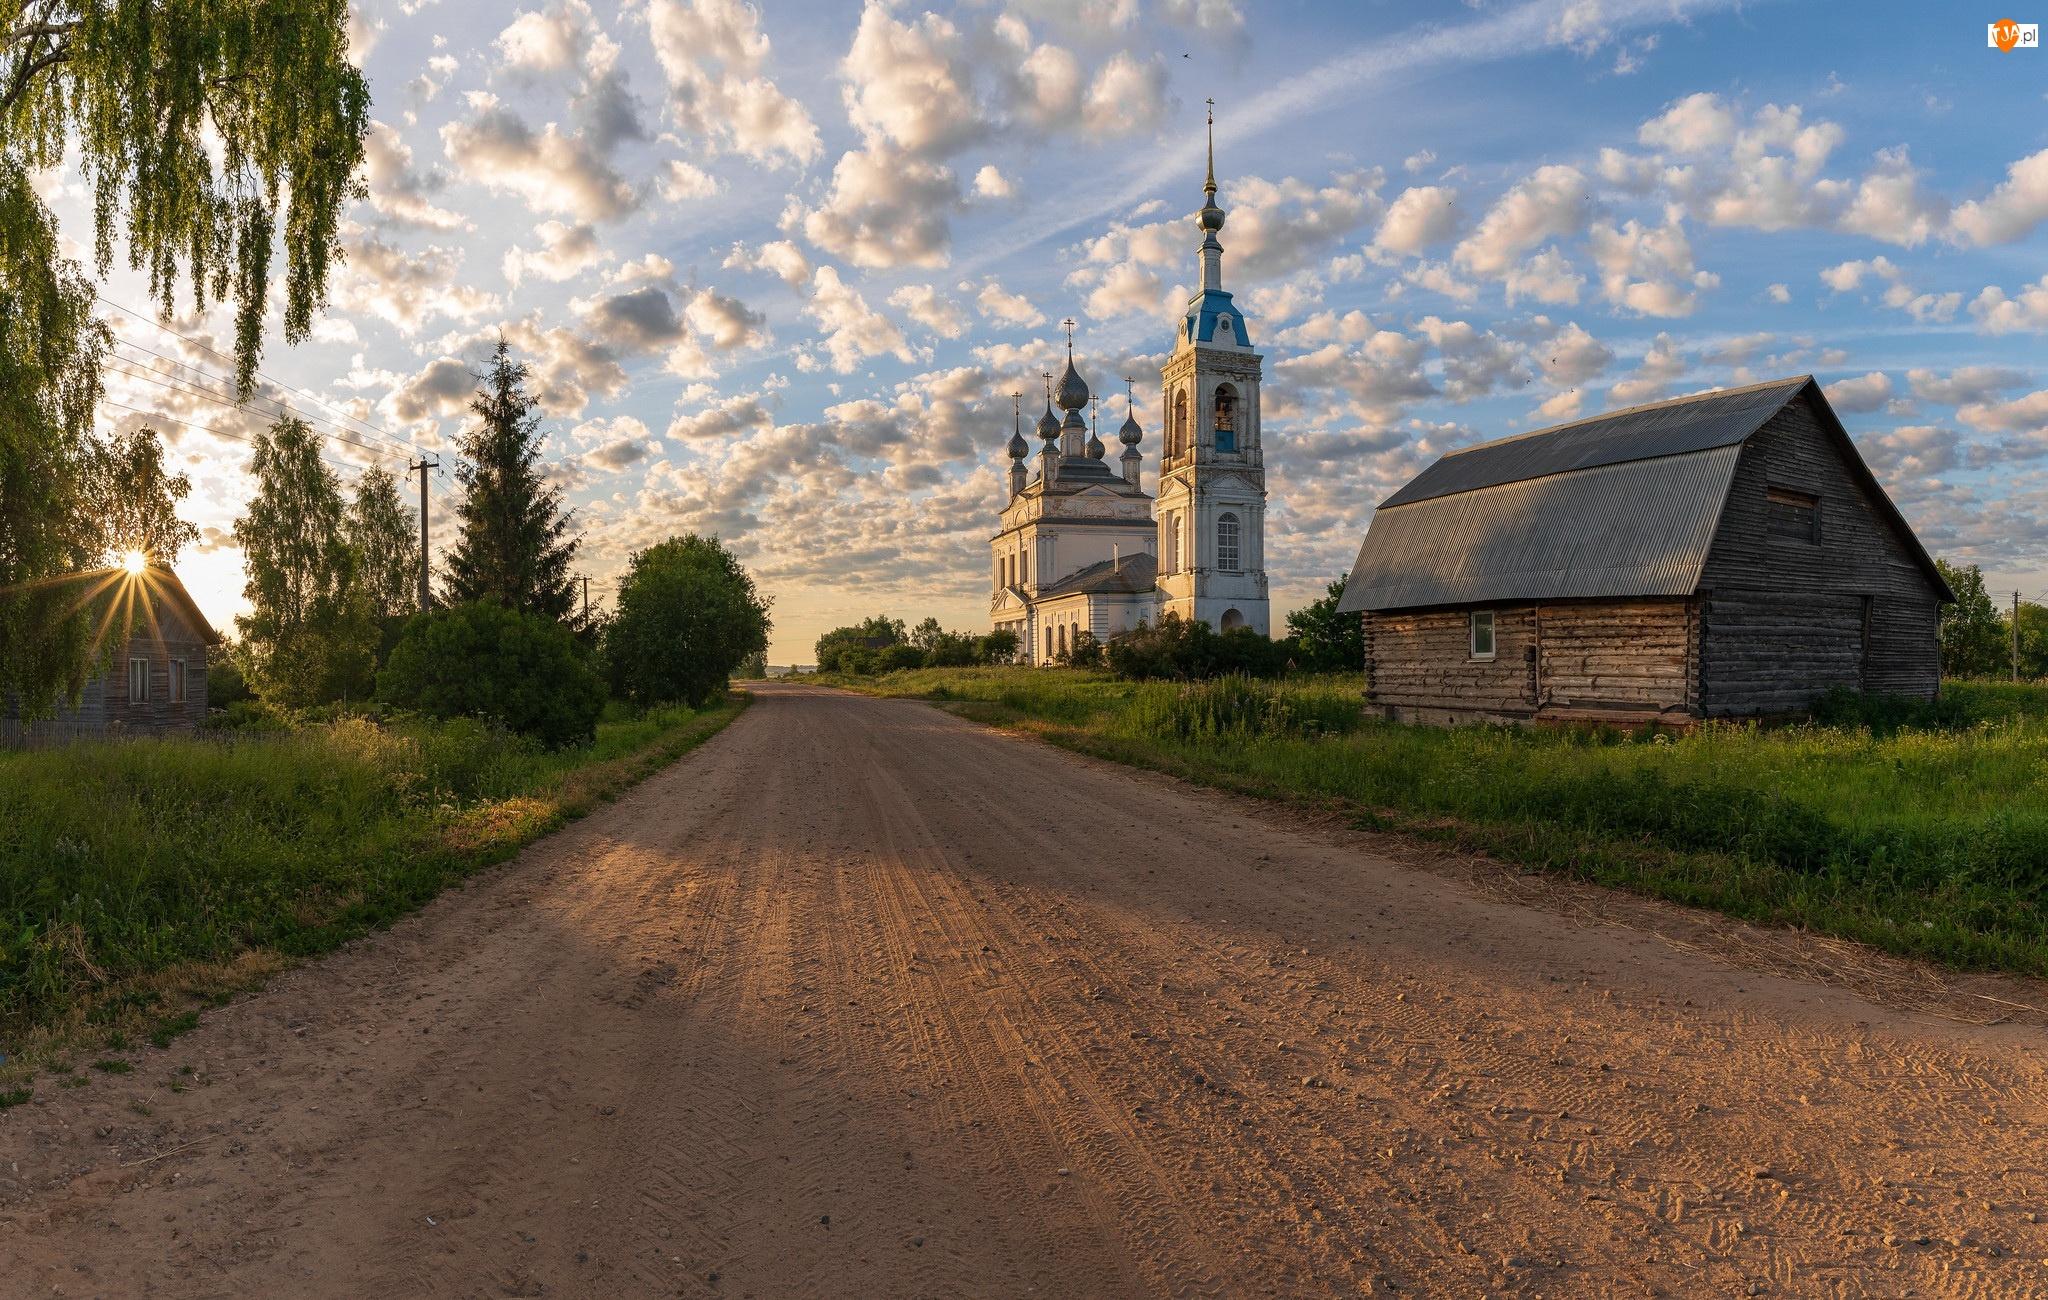 Rosja, Drewniane, Obwód jarosławski, Cerkiew, Savinskoye, Domy, Chmury, Droga, Wschód słońca